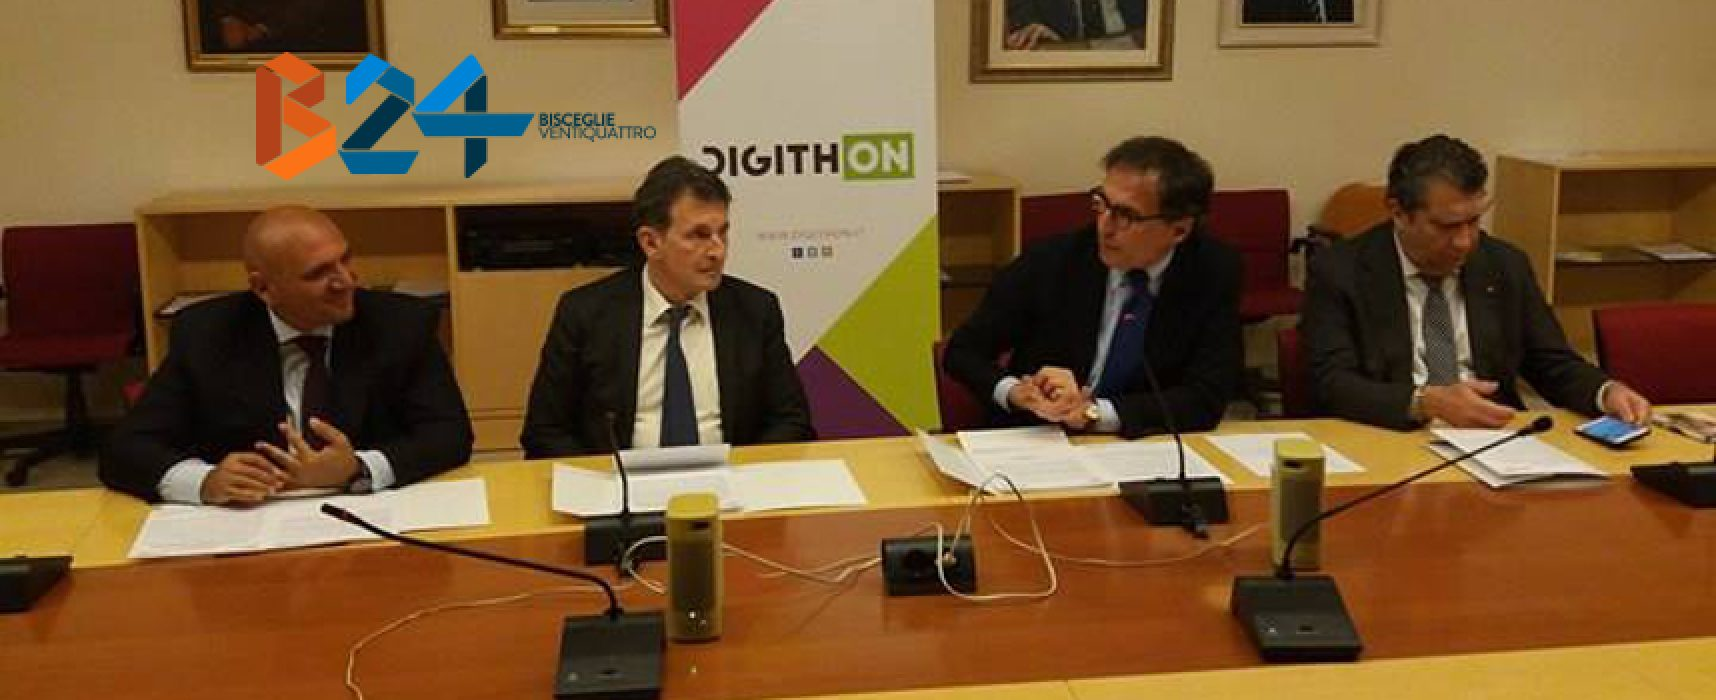 DigithON, c'è tempo fino al 30 aprile per candidare startup, primo premio diecimila euro